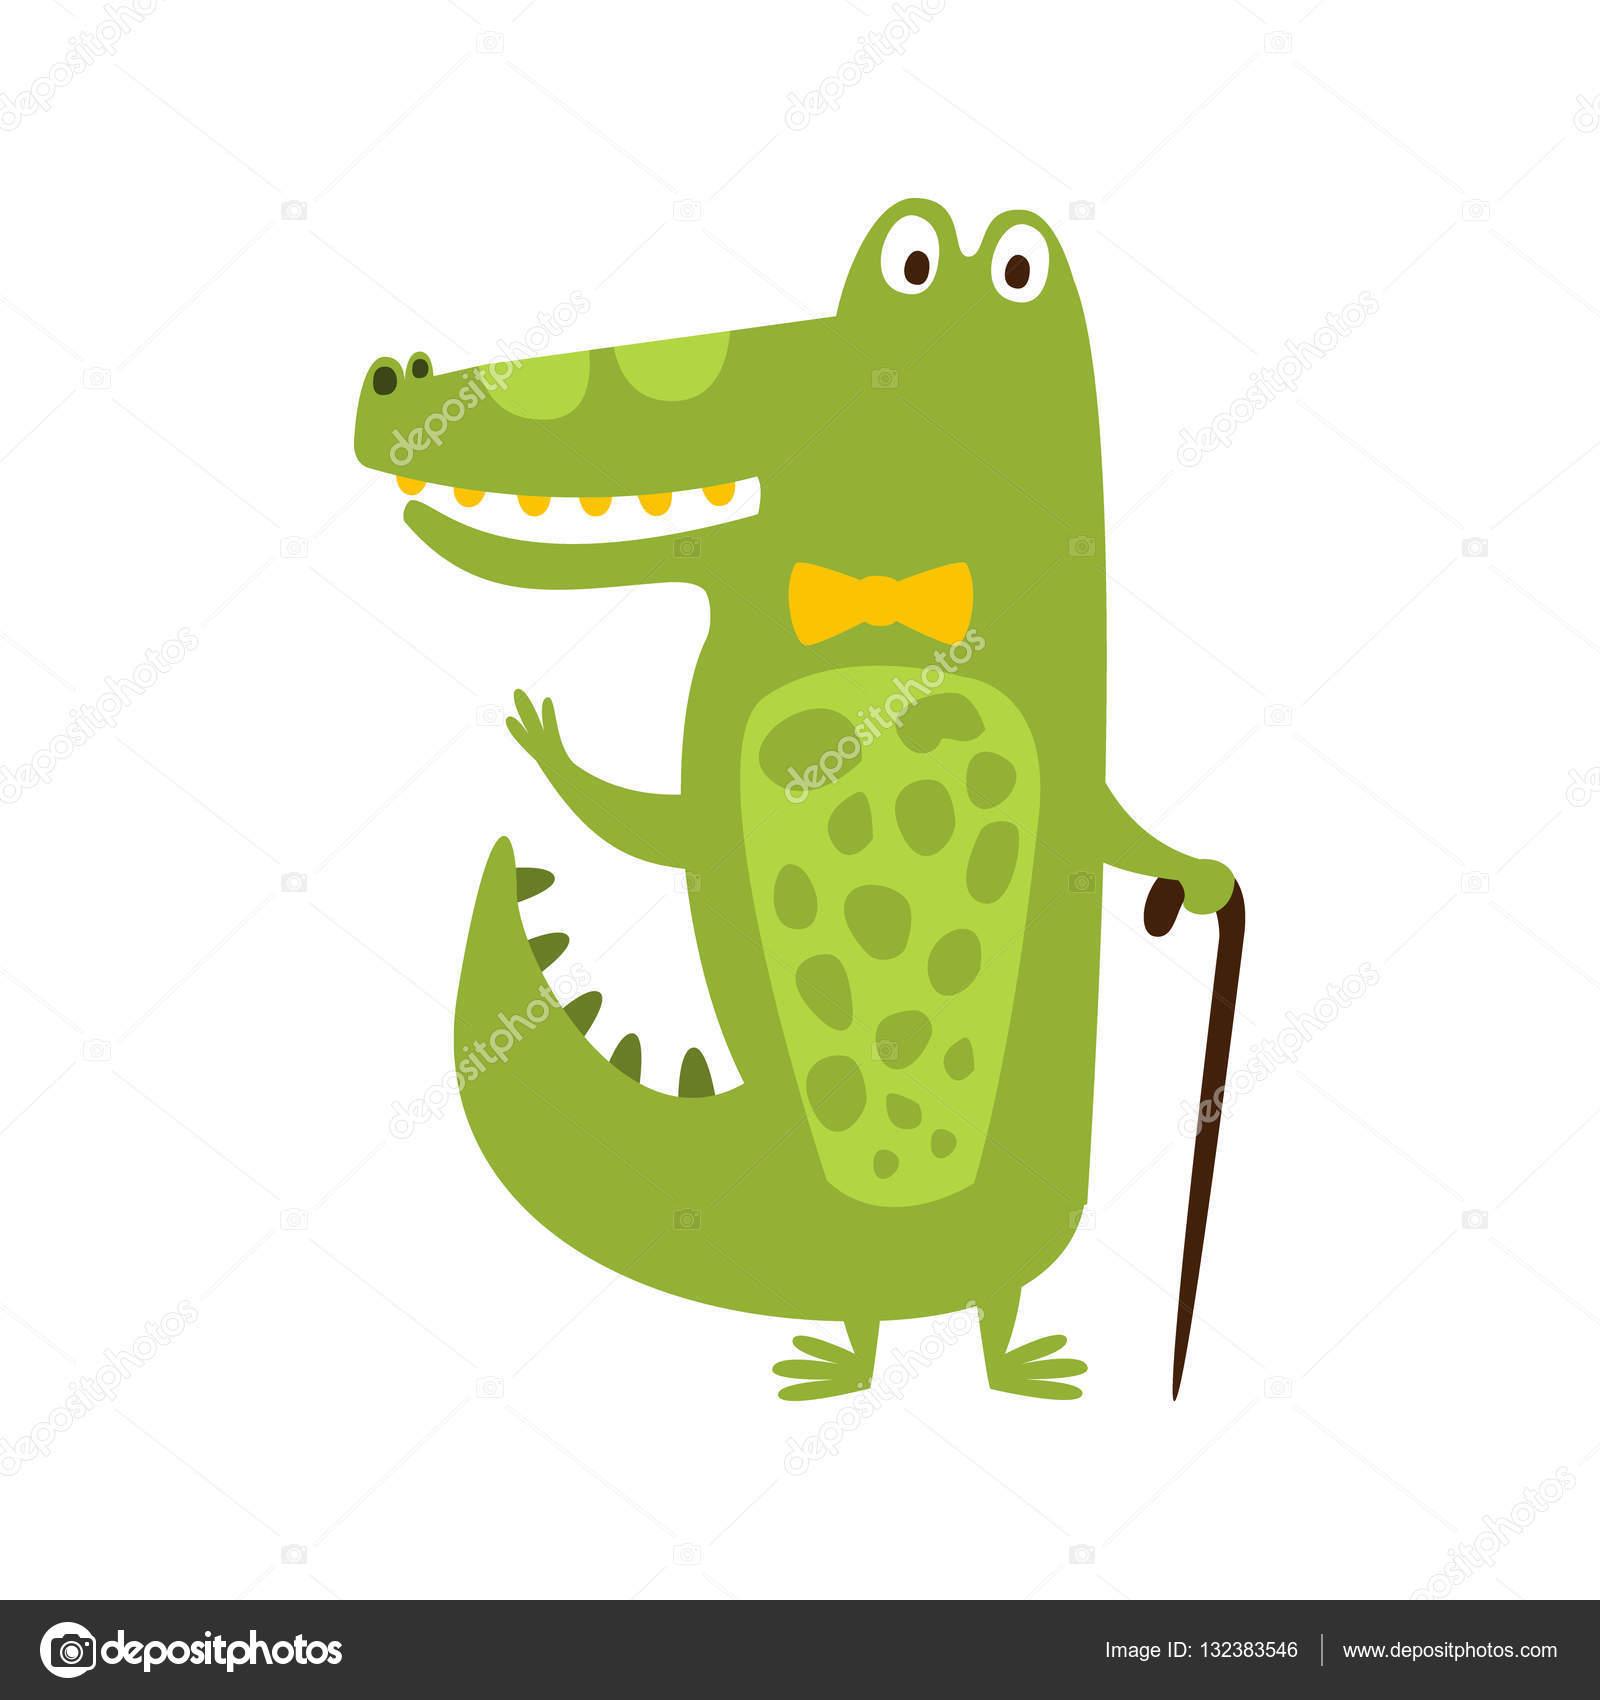 aaad669b7460 クロコダイルの蝶ネクタイと杖フラット漫画緑友好的な爬虫類の動物文字描画– ストックイラスト